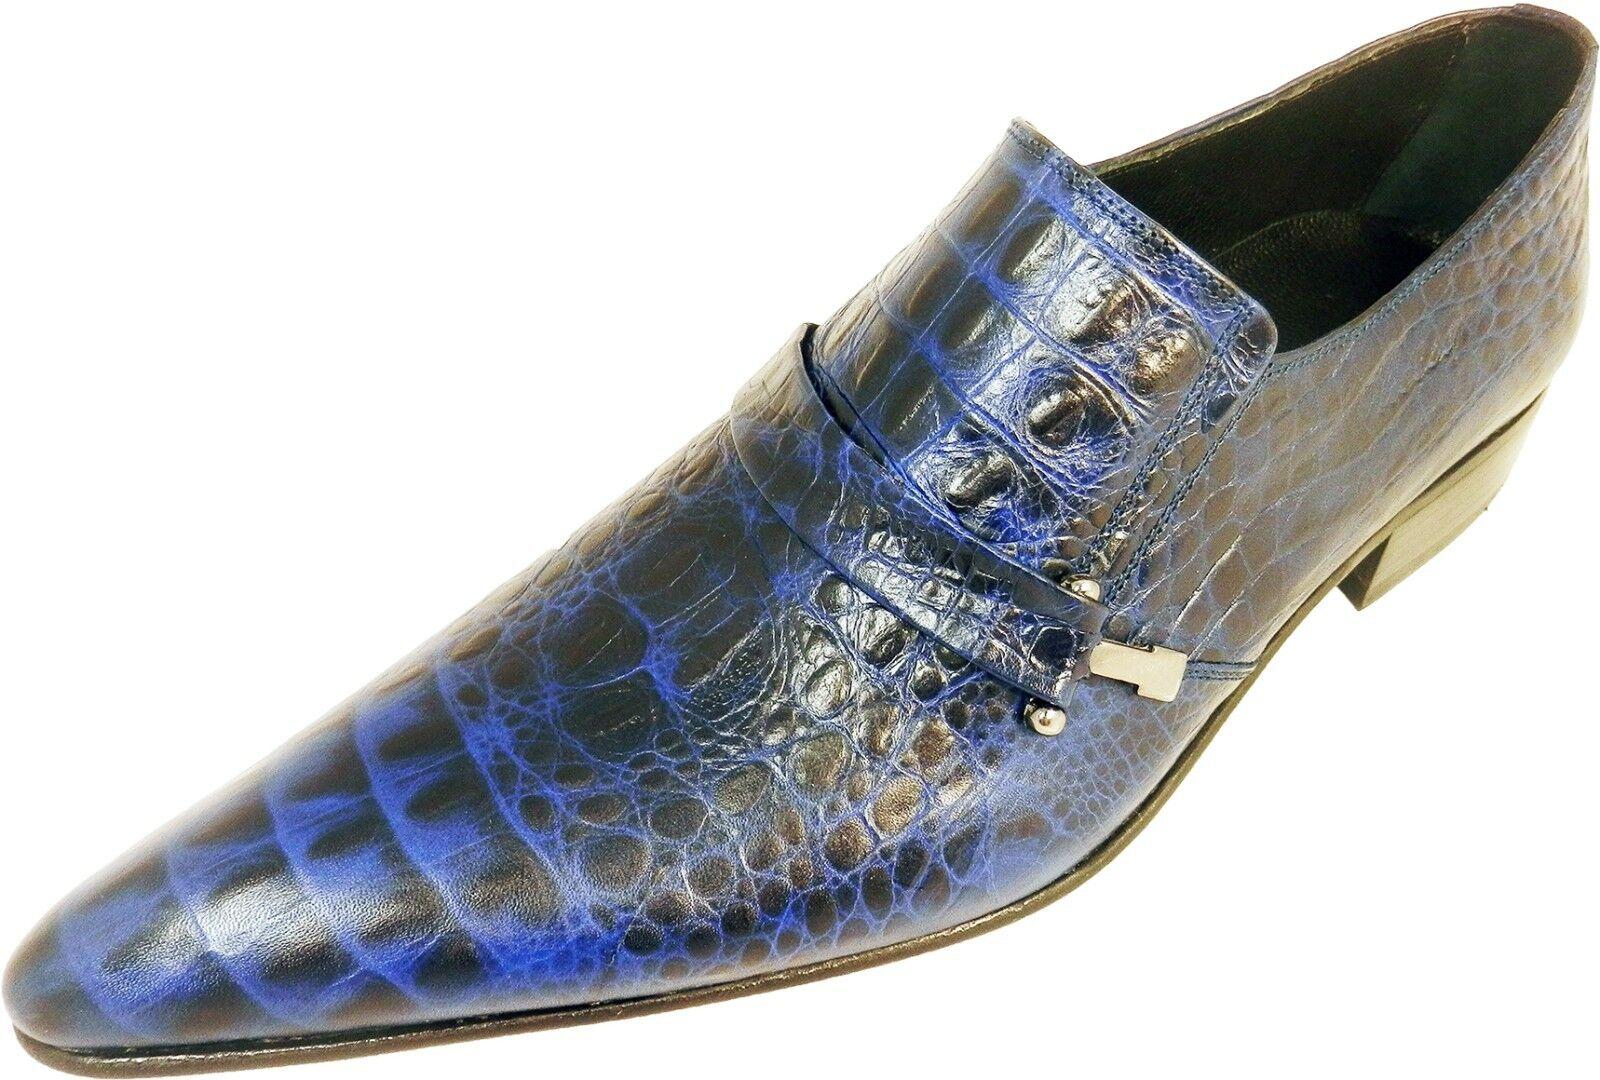 Chelsy - Italienischer Designer Slipper Krokomuster Kalbsleder handarbeit blau